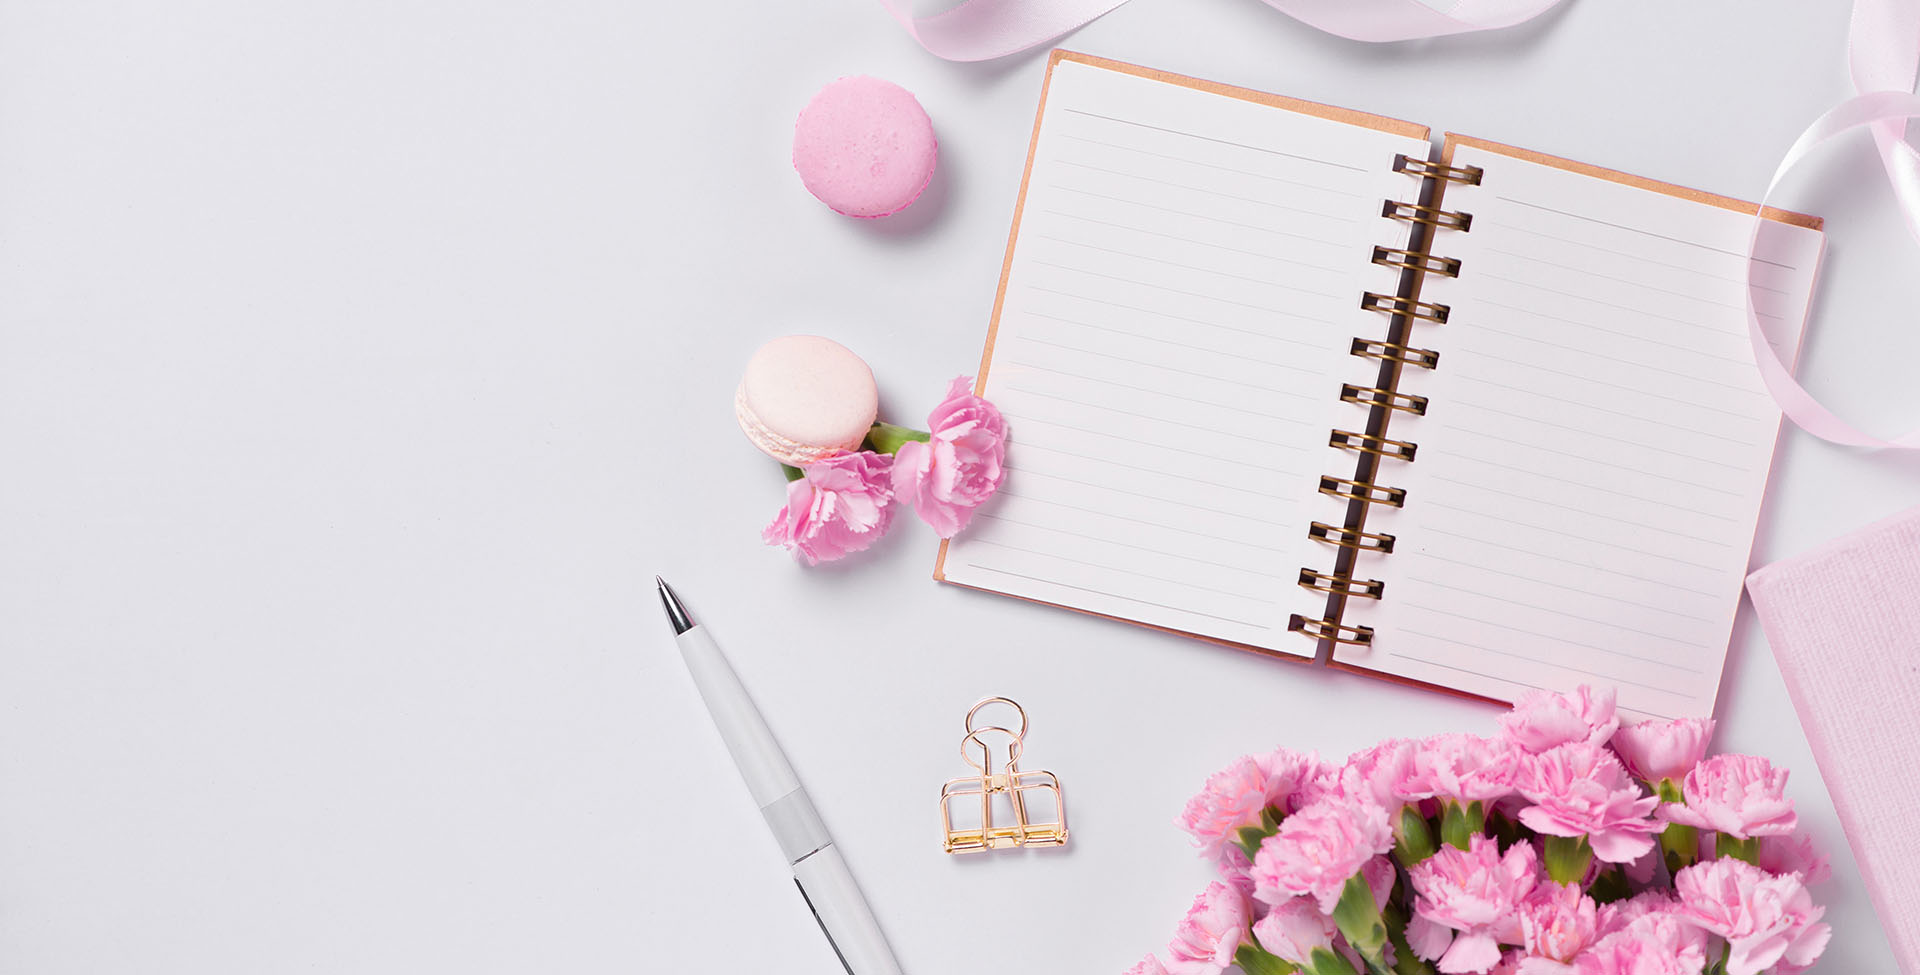 Welche Fehler werden bei der Organisation einer Hochzeit gemacht?